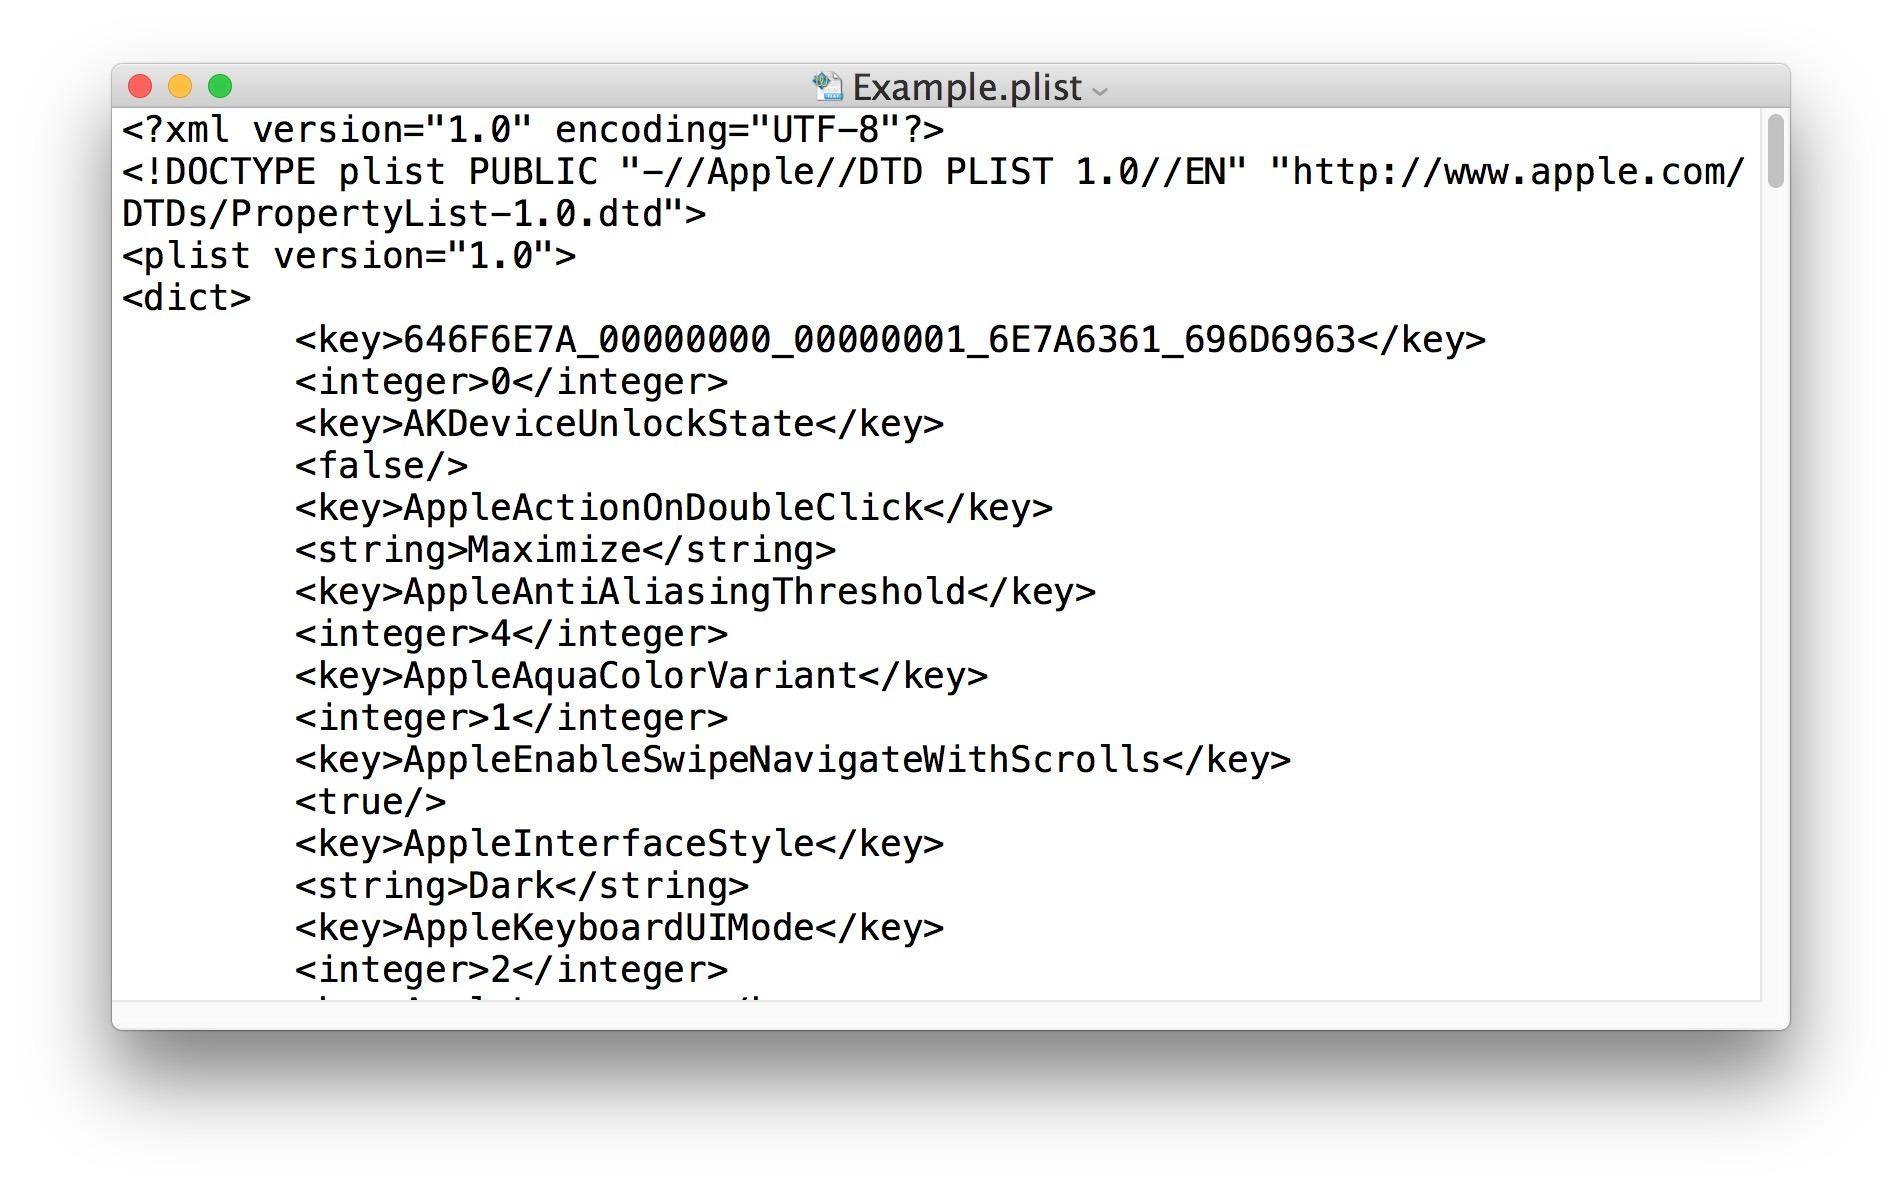 Il file plist convertito in formato XML da binario può essere modificato in editor di testo